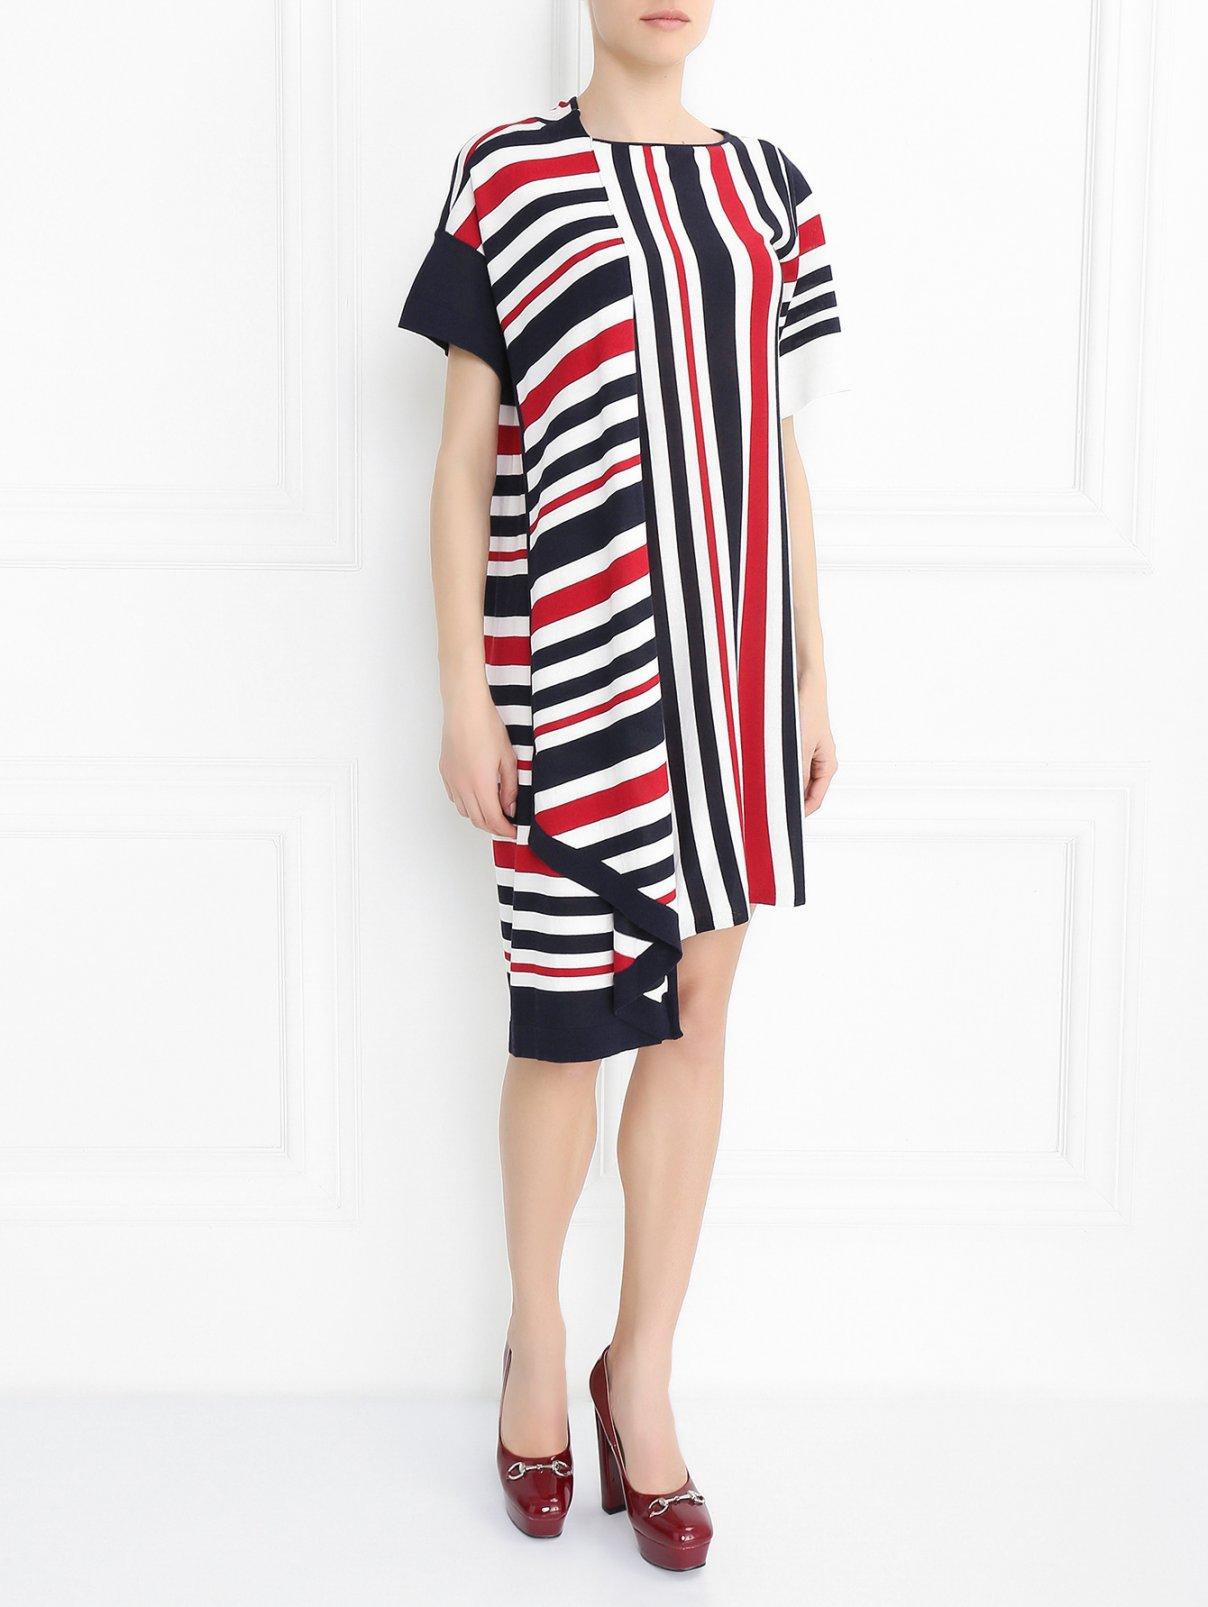 Трикотажное платье-мини с узором Antonio Marras  –  Модель Общий вид